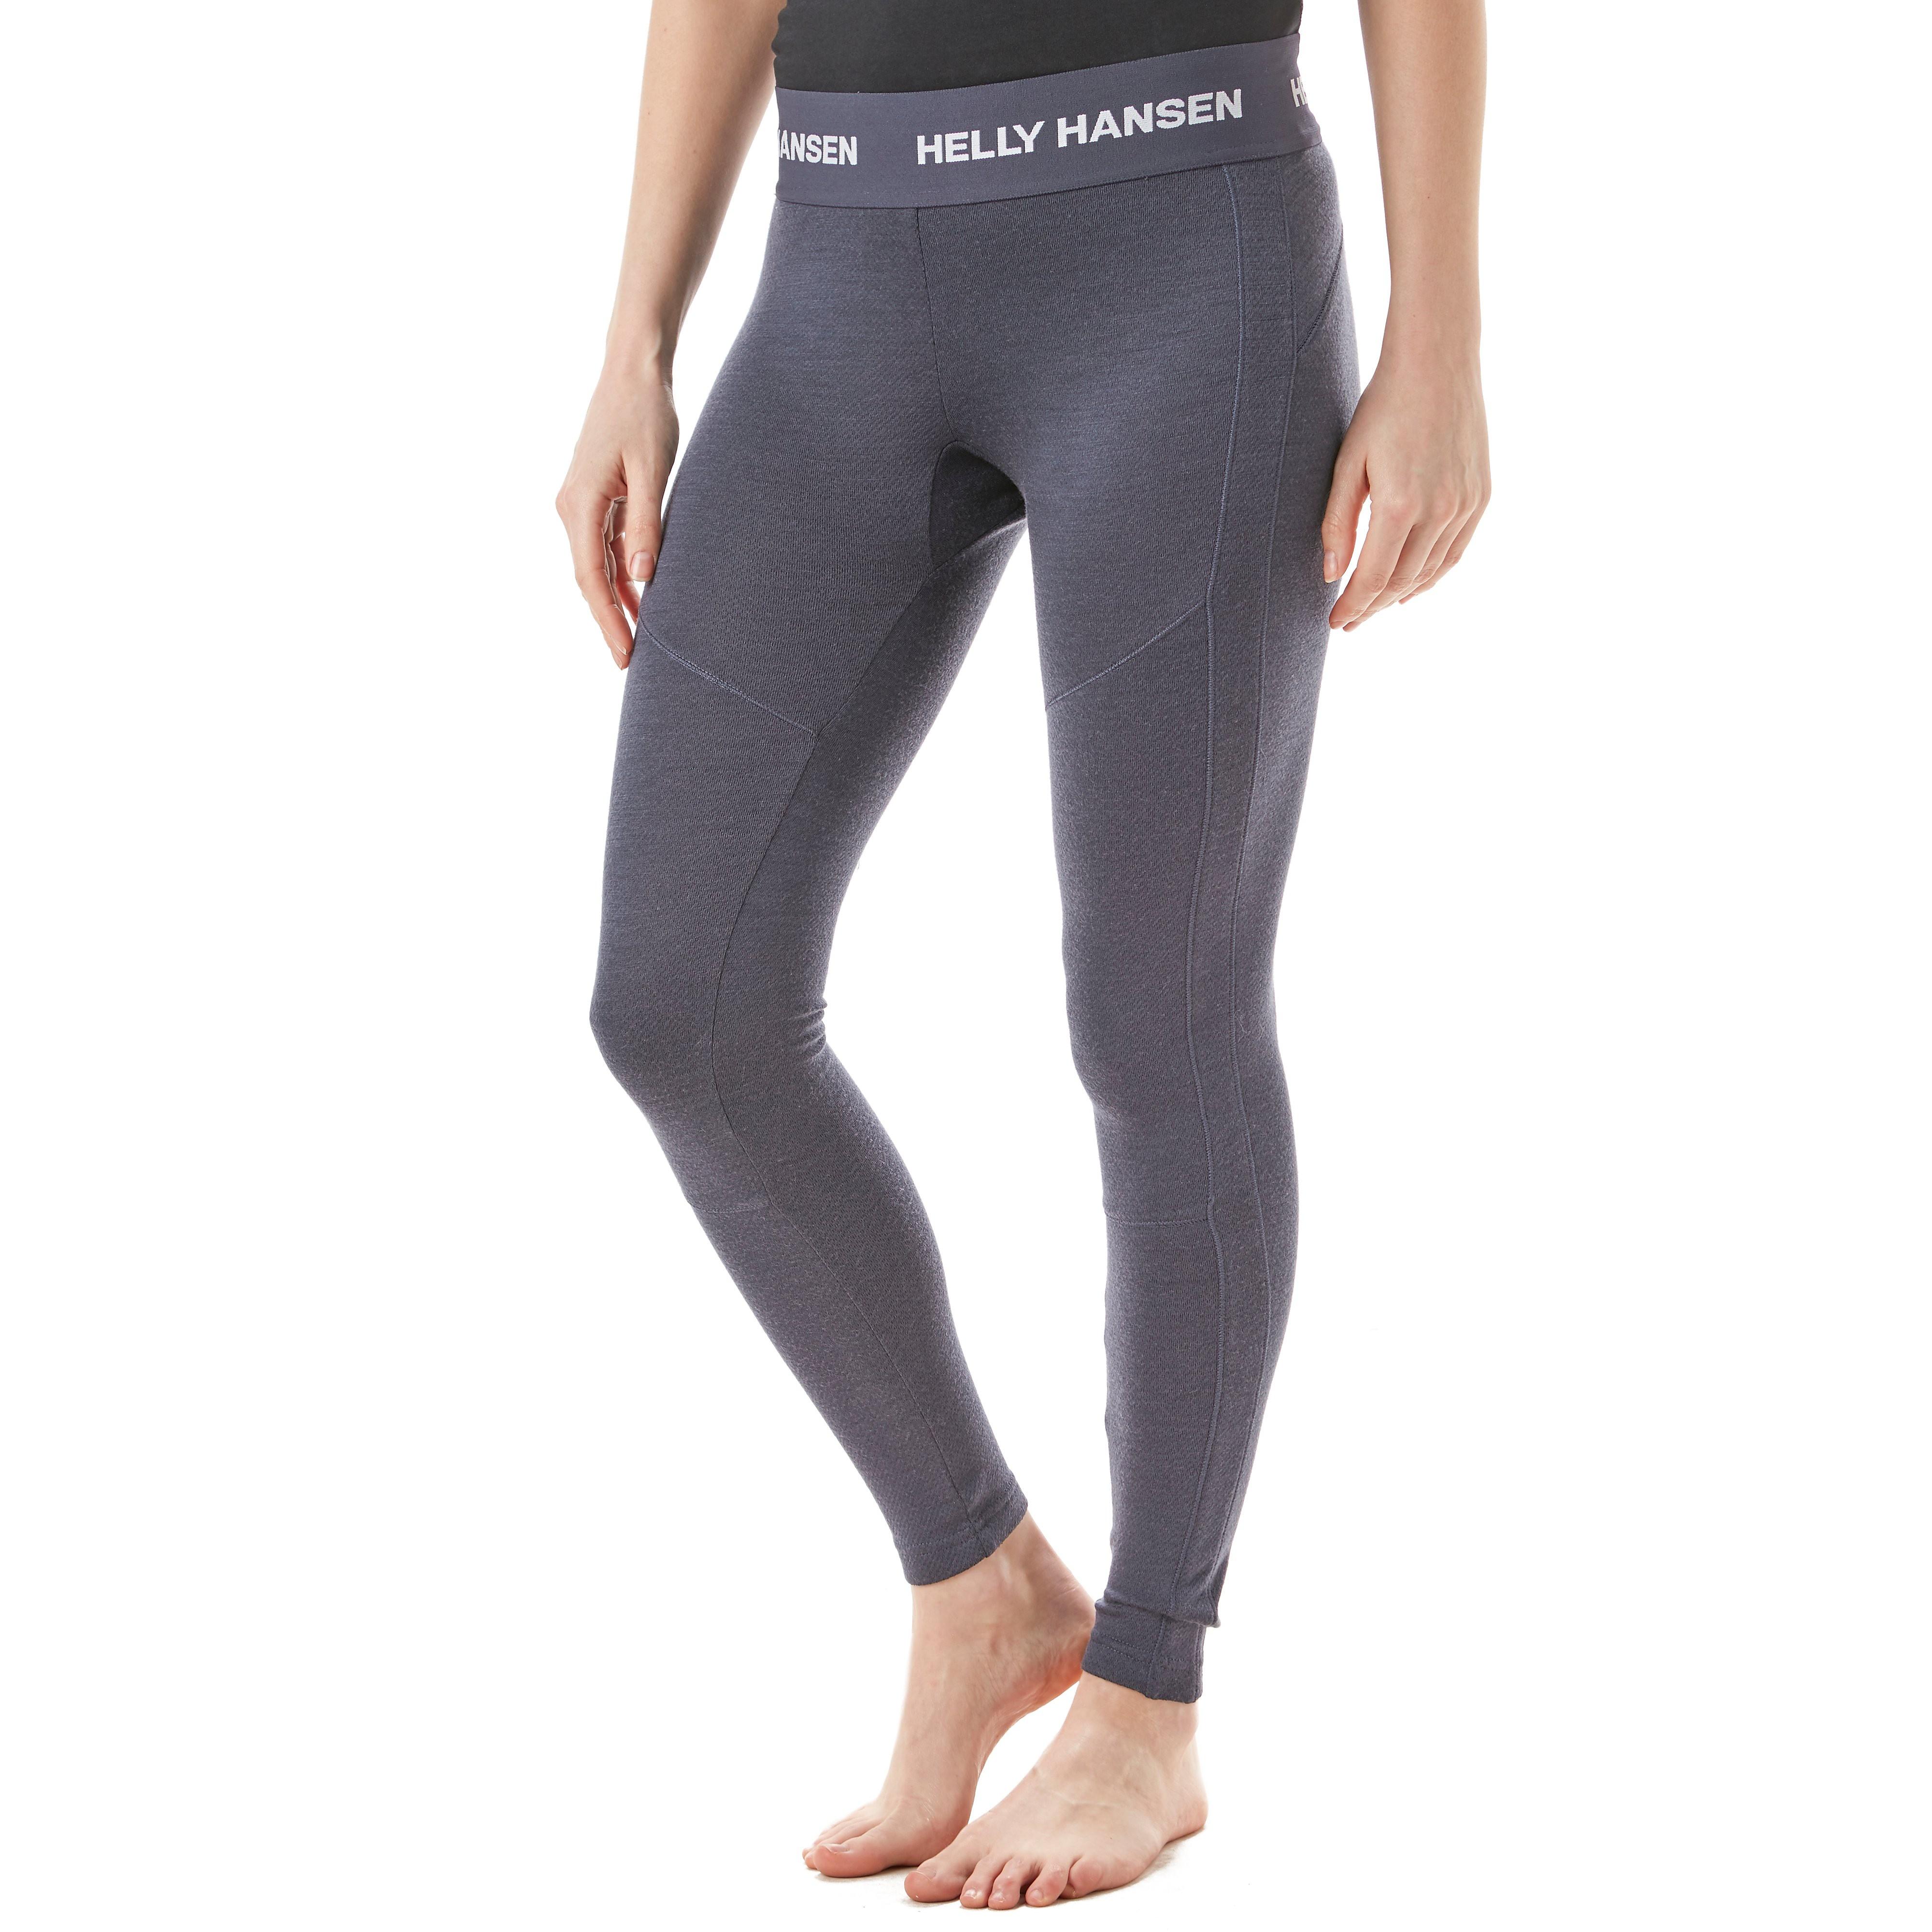 Helly Hansen Lifa Merino Women's Pants